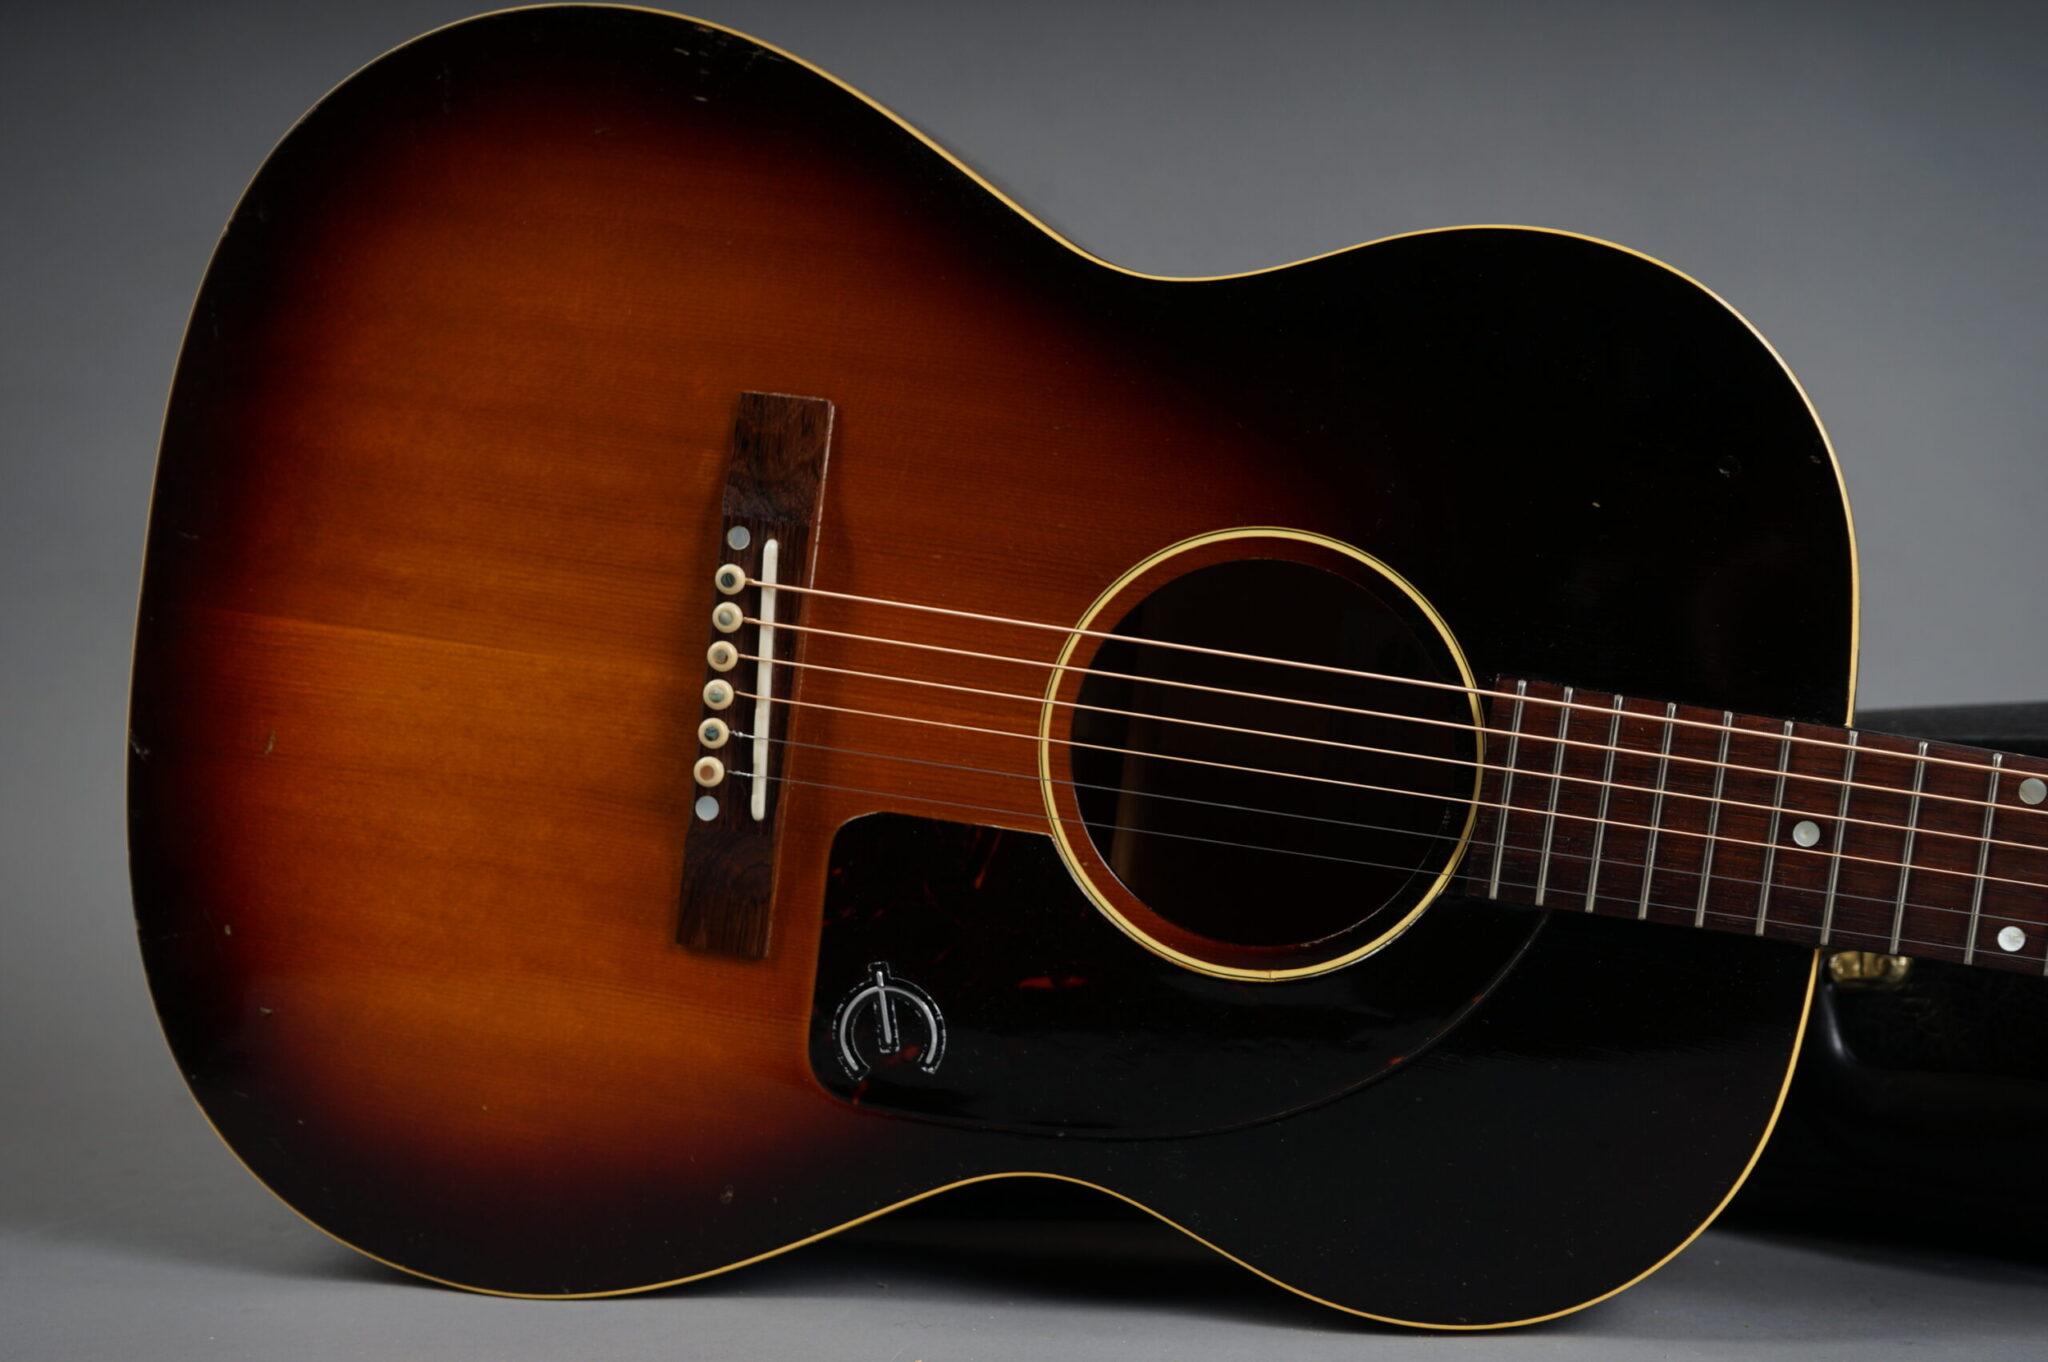 https://guitarpoint.de/app/uploads/products/1959-epiphone-cortez-ft45-sunburst/1959-Epiphone-FT45-Cortez-Sunburst-A1376-9-scaled-2048x1362.jpg